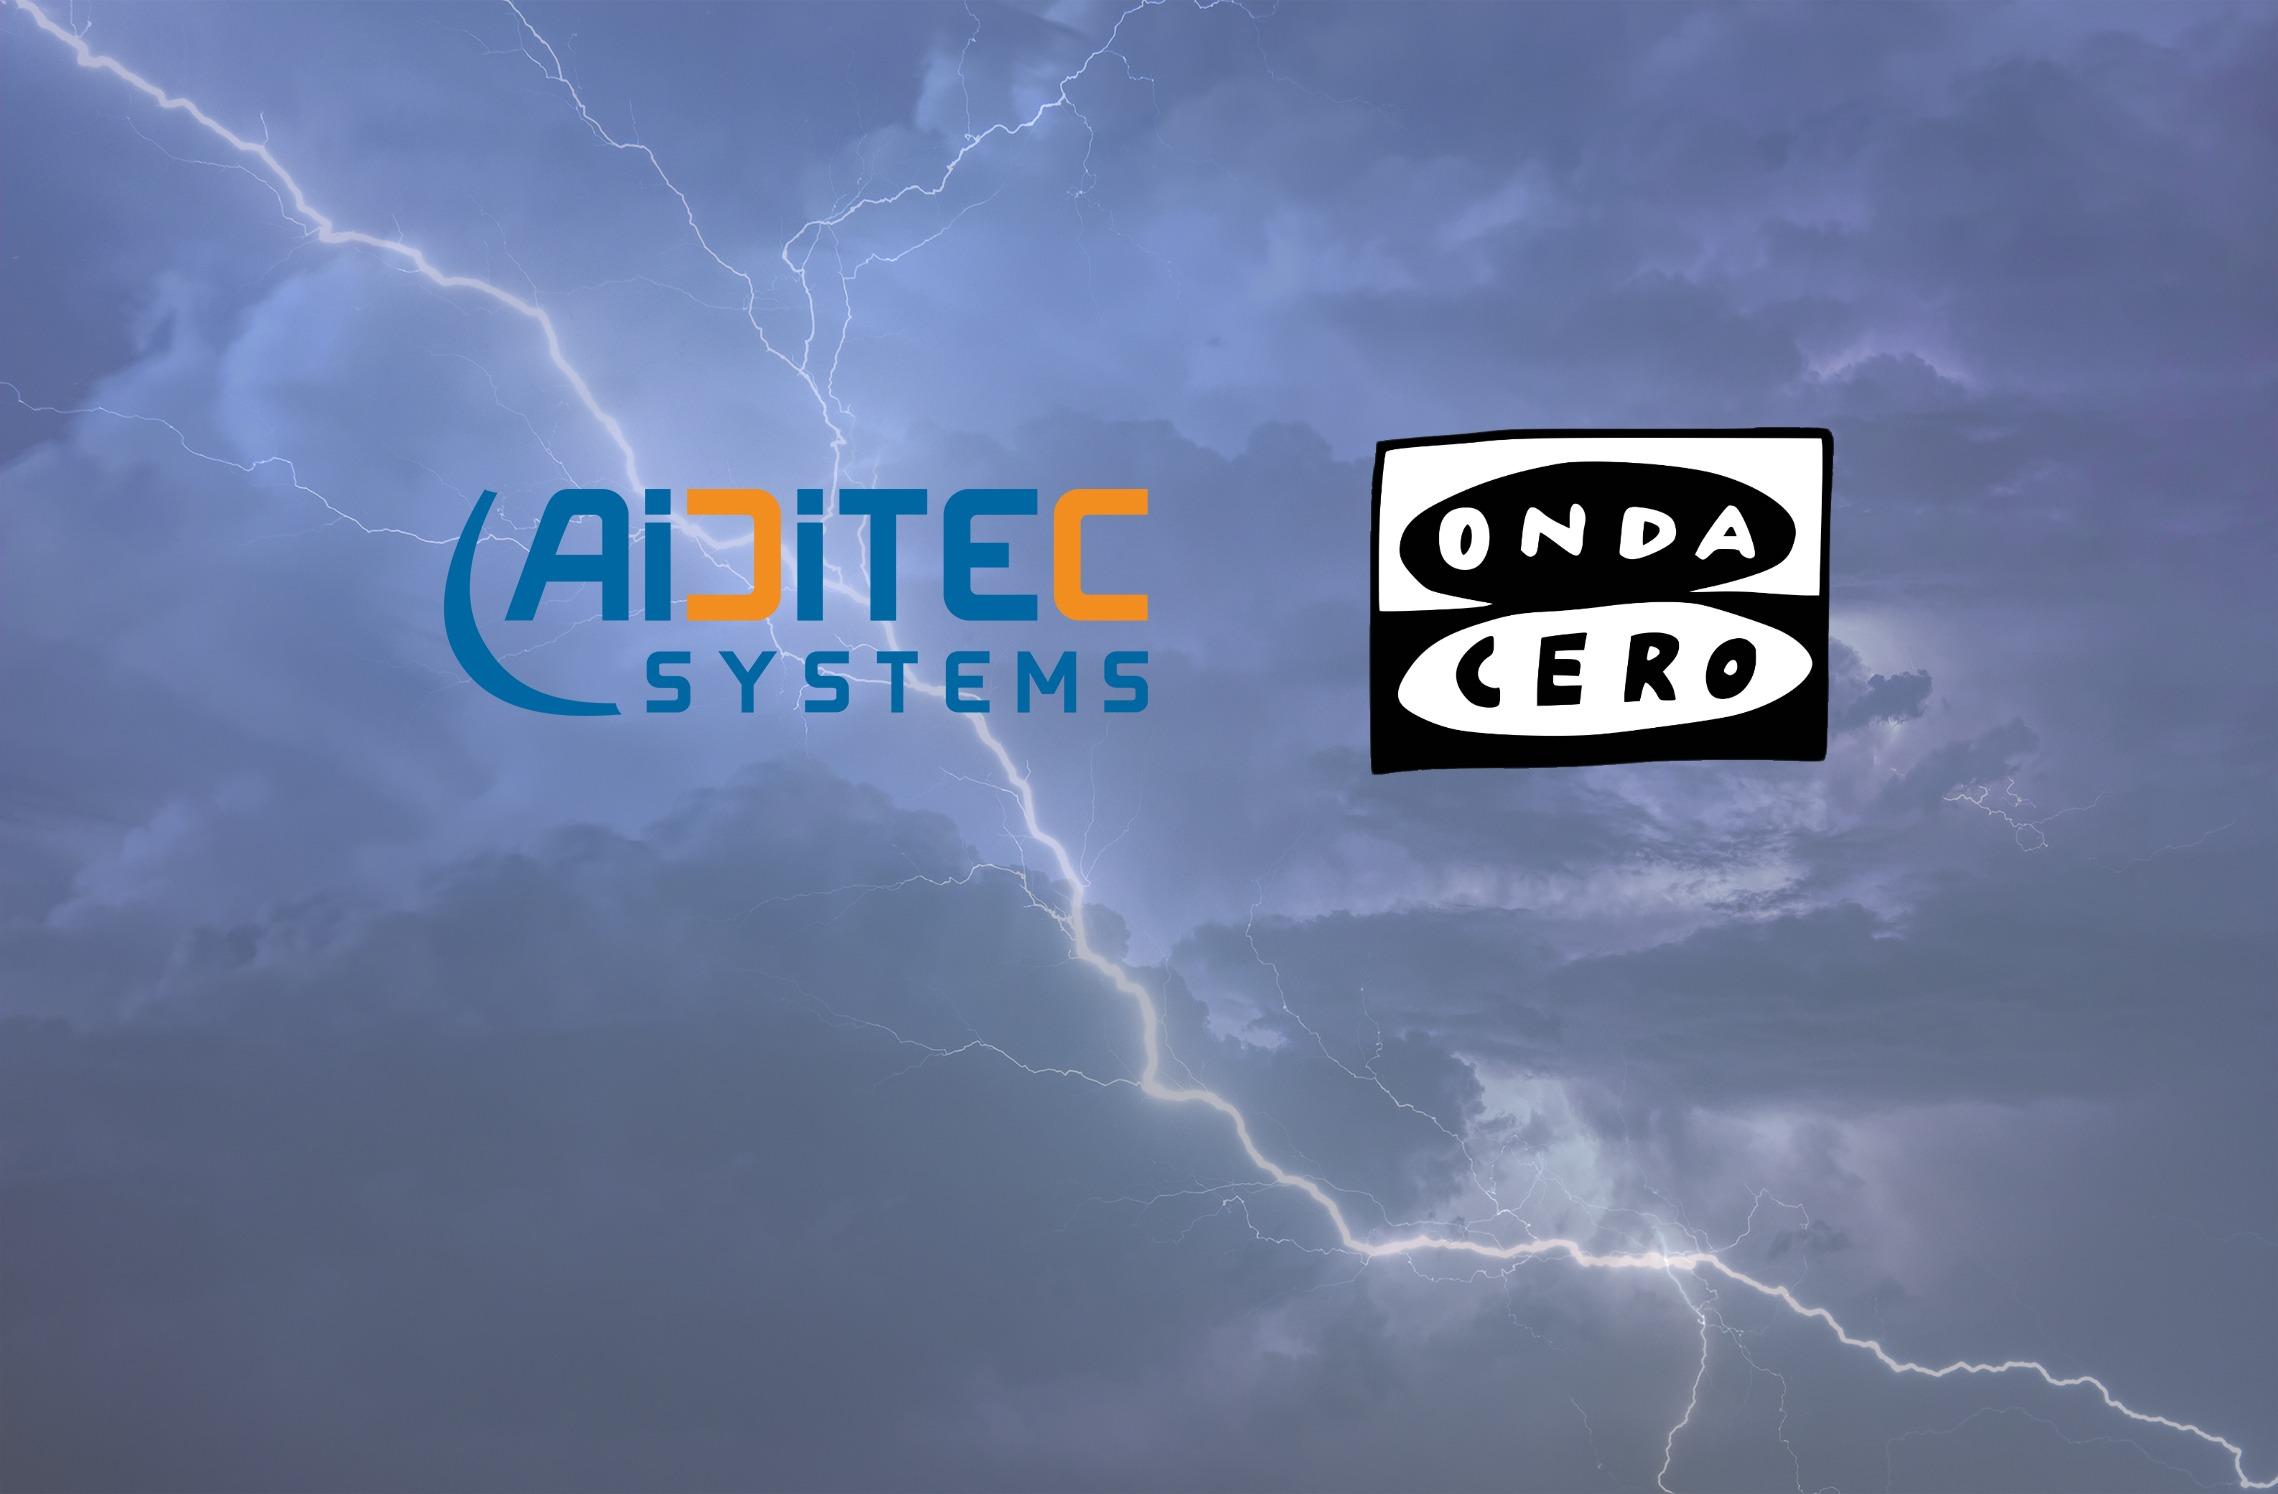 Aiditec Systems en Onda Cero